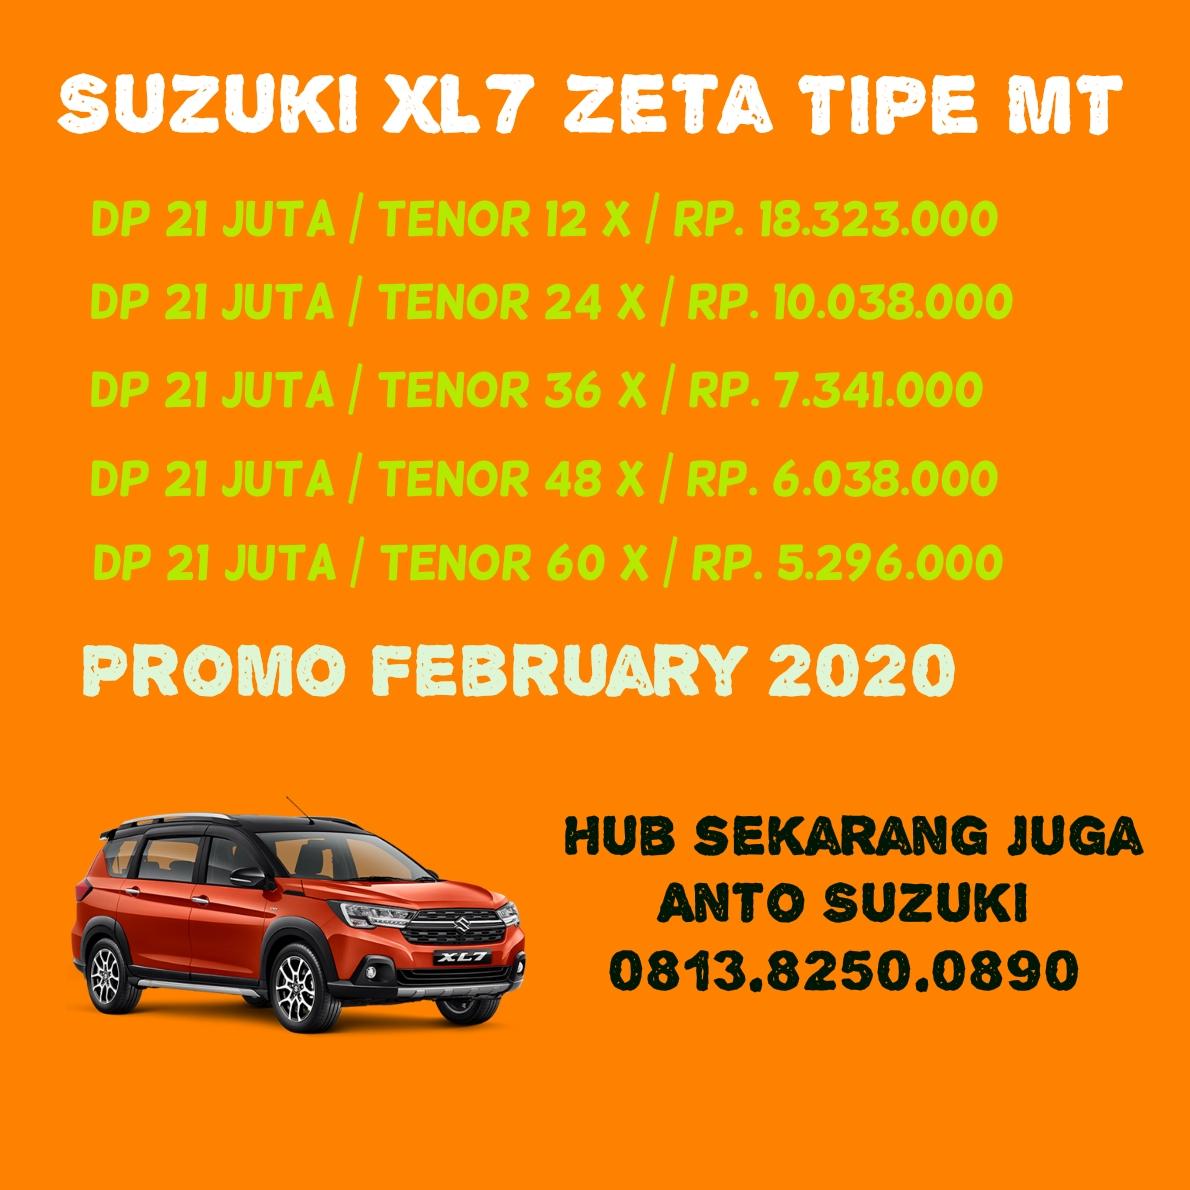 Promo Kredit Suzuki Xl7 Tipe Zeta Februari 2020 Harga Suzuki Ertiga Dp 5 Juta Promo Suzuki Ertiga Paket Kredit Suzuki Ertiga Terbaru 2020 Promo Suzuki Xl7